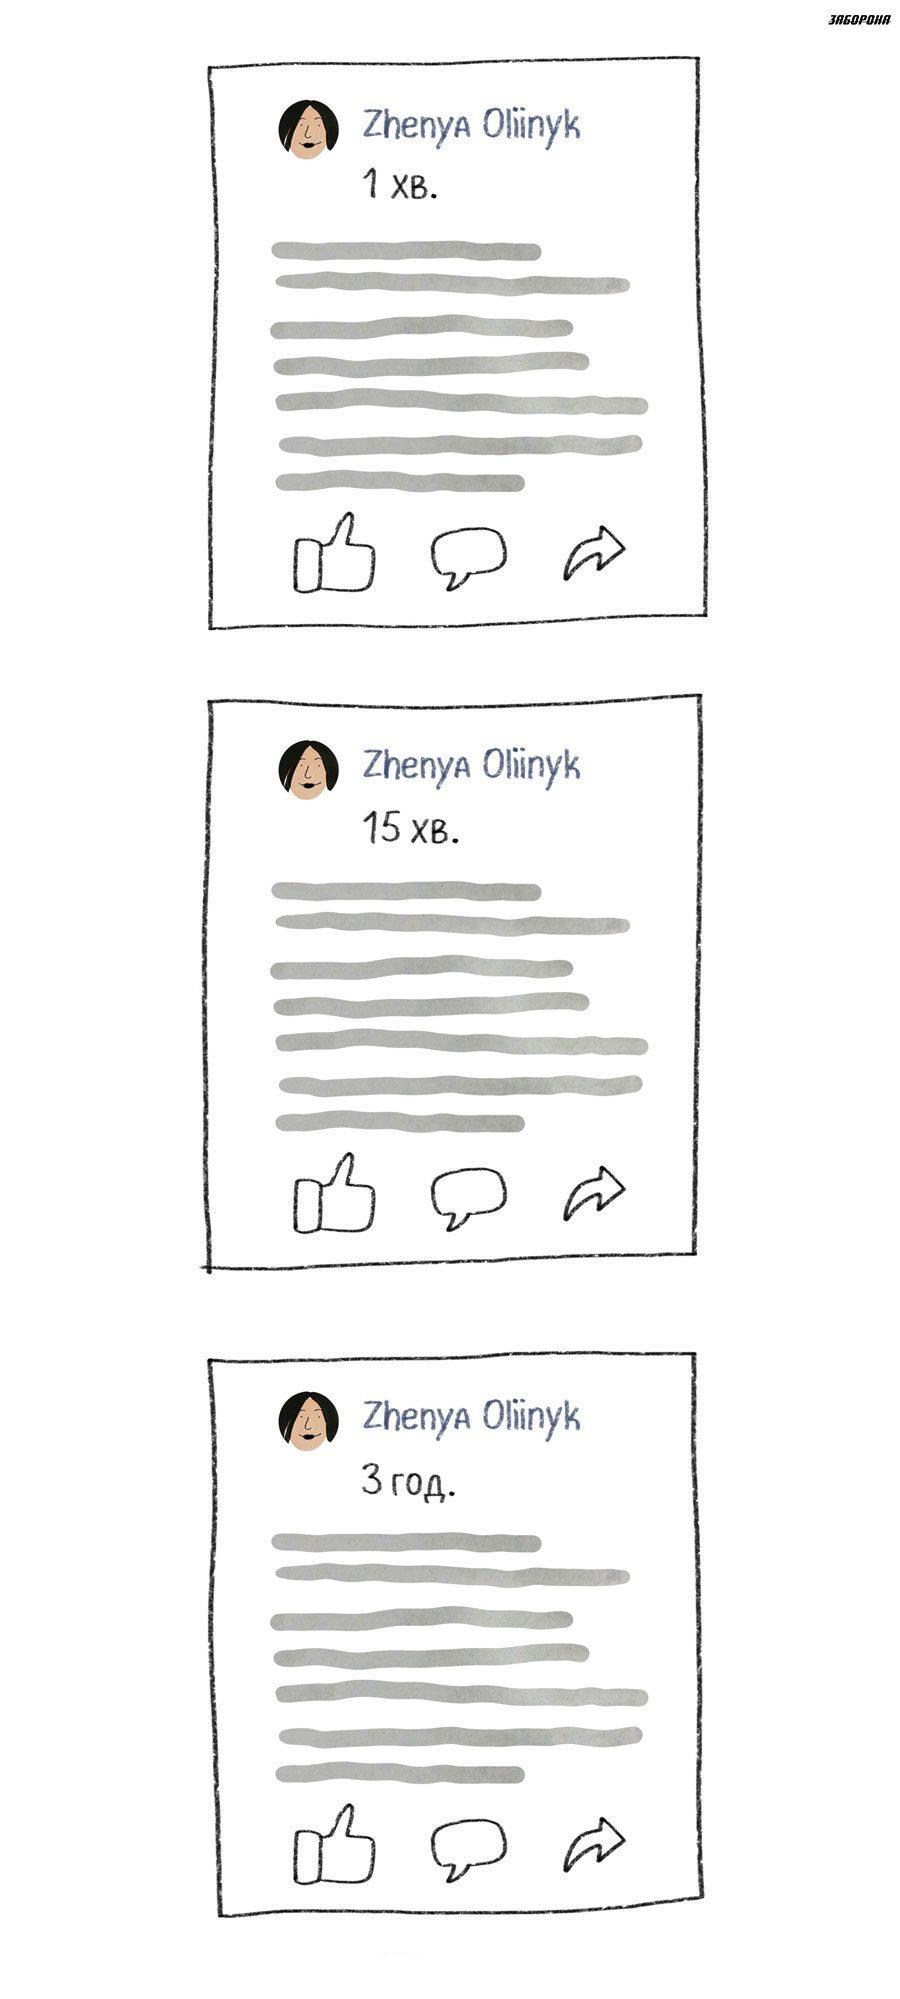 16 depression 2 - Женя Олійник: «Як я не стала адвокаткою психічного здоров'я» - Заборона